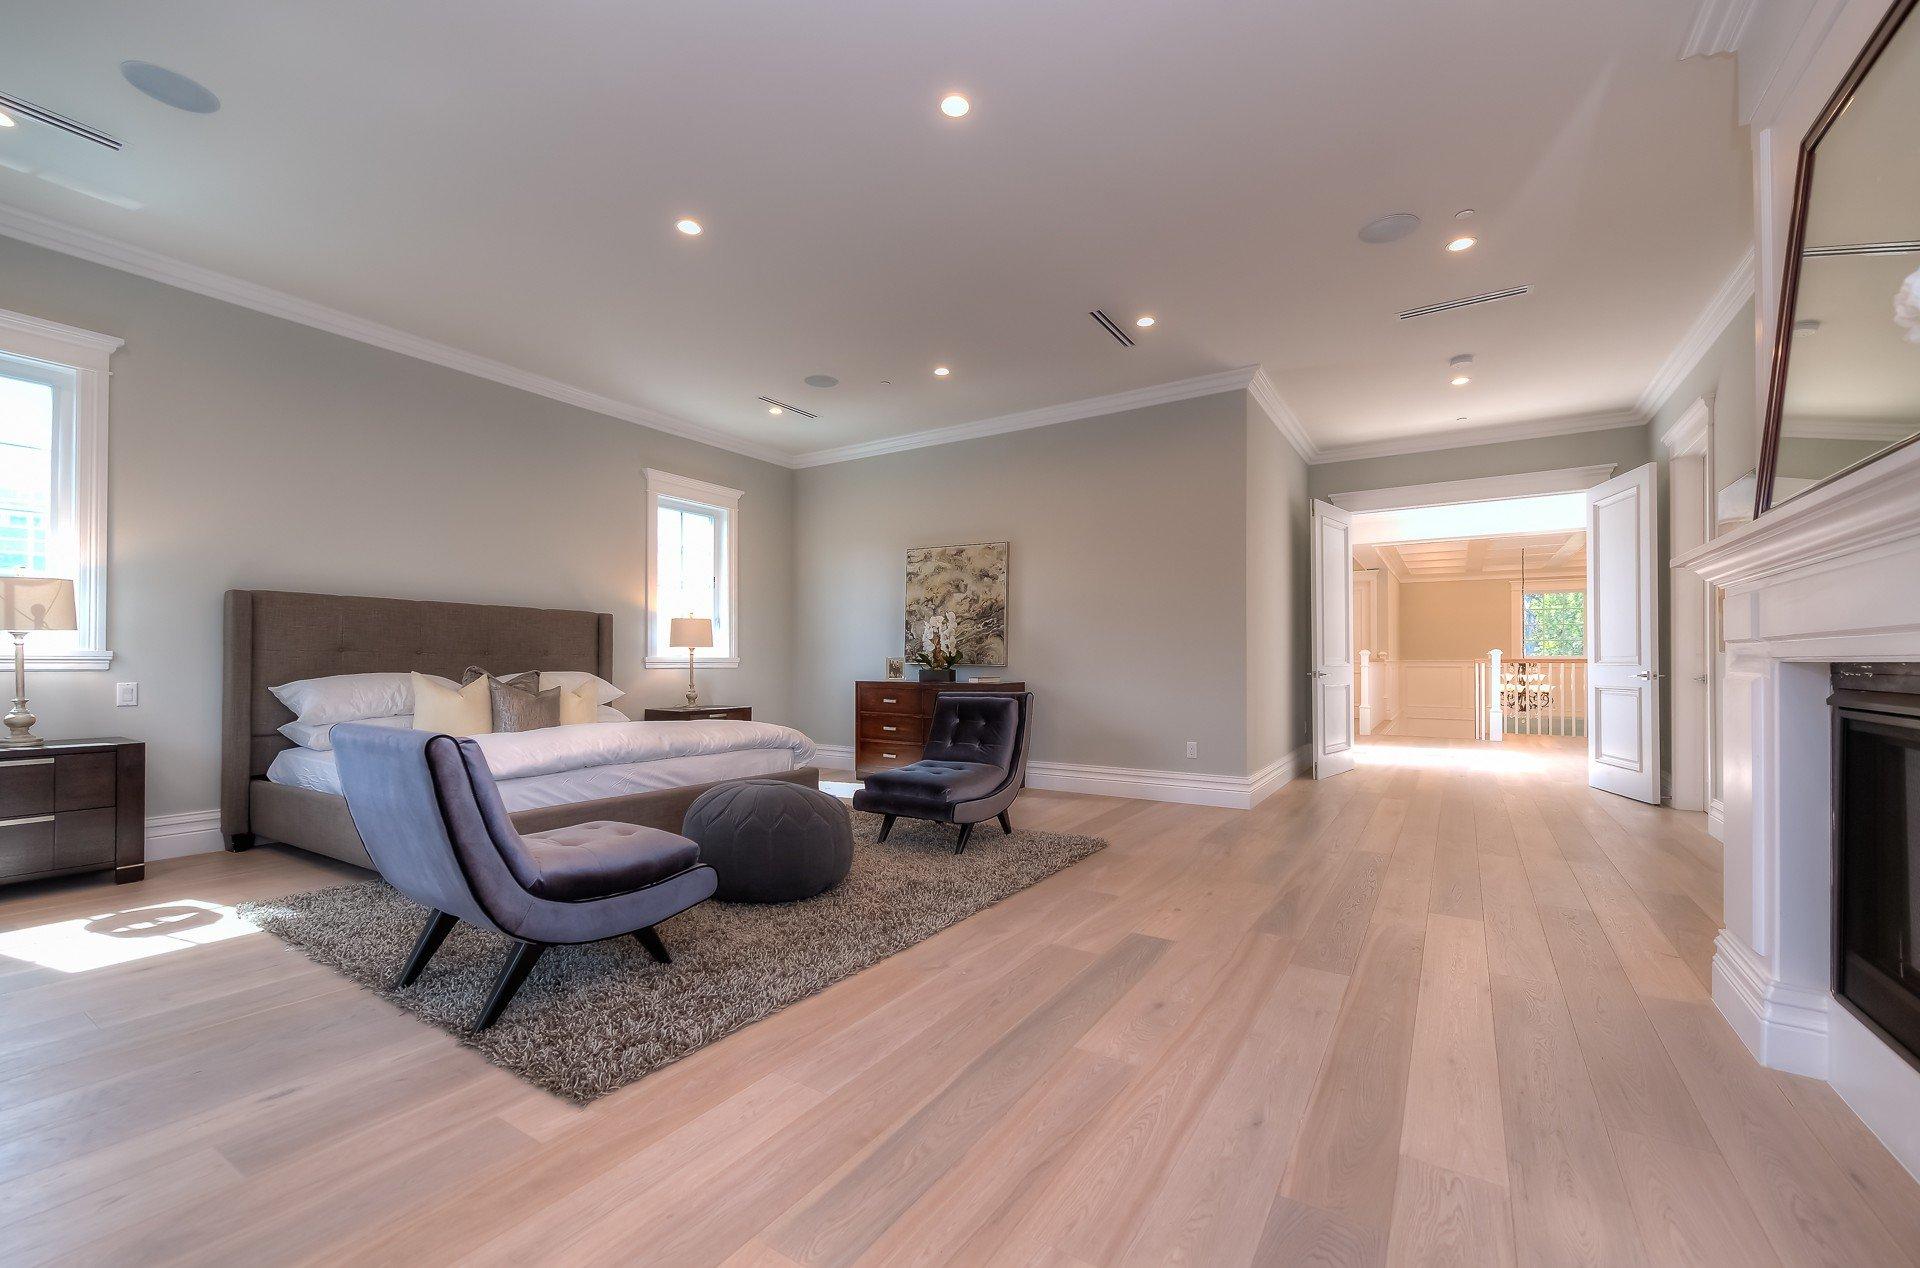 Ocean Breeze Discount Hardwood Floors